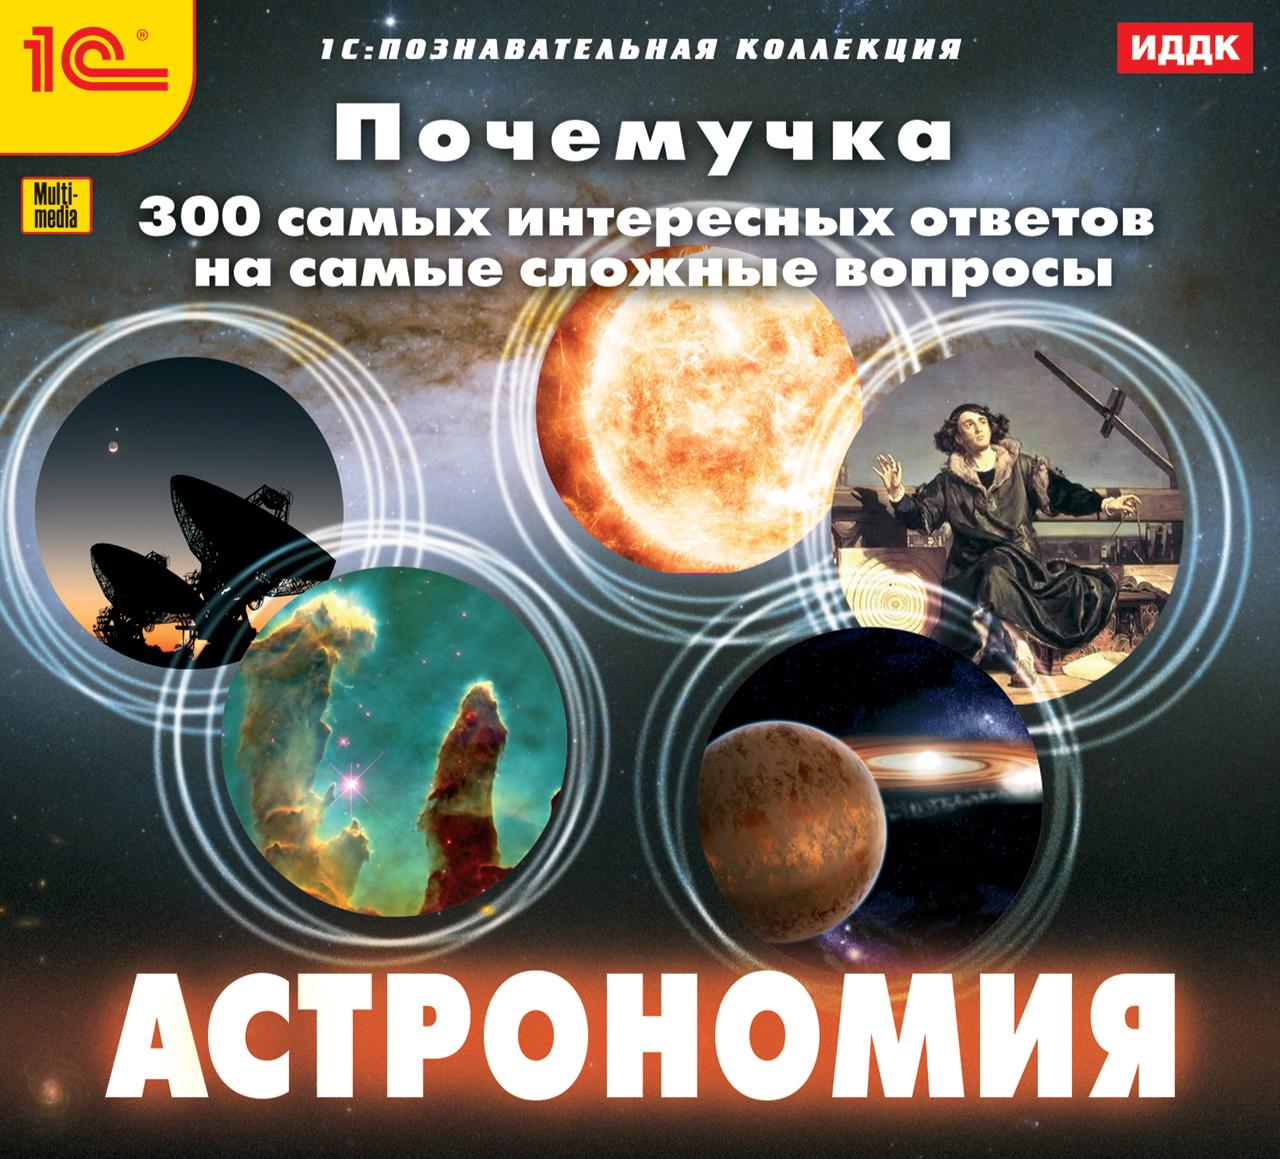 Почемучка. Астрономия. 300 самых интересных ответов. 1 CD